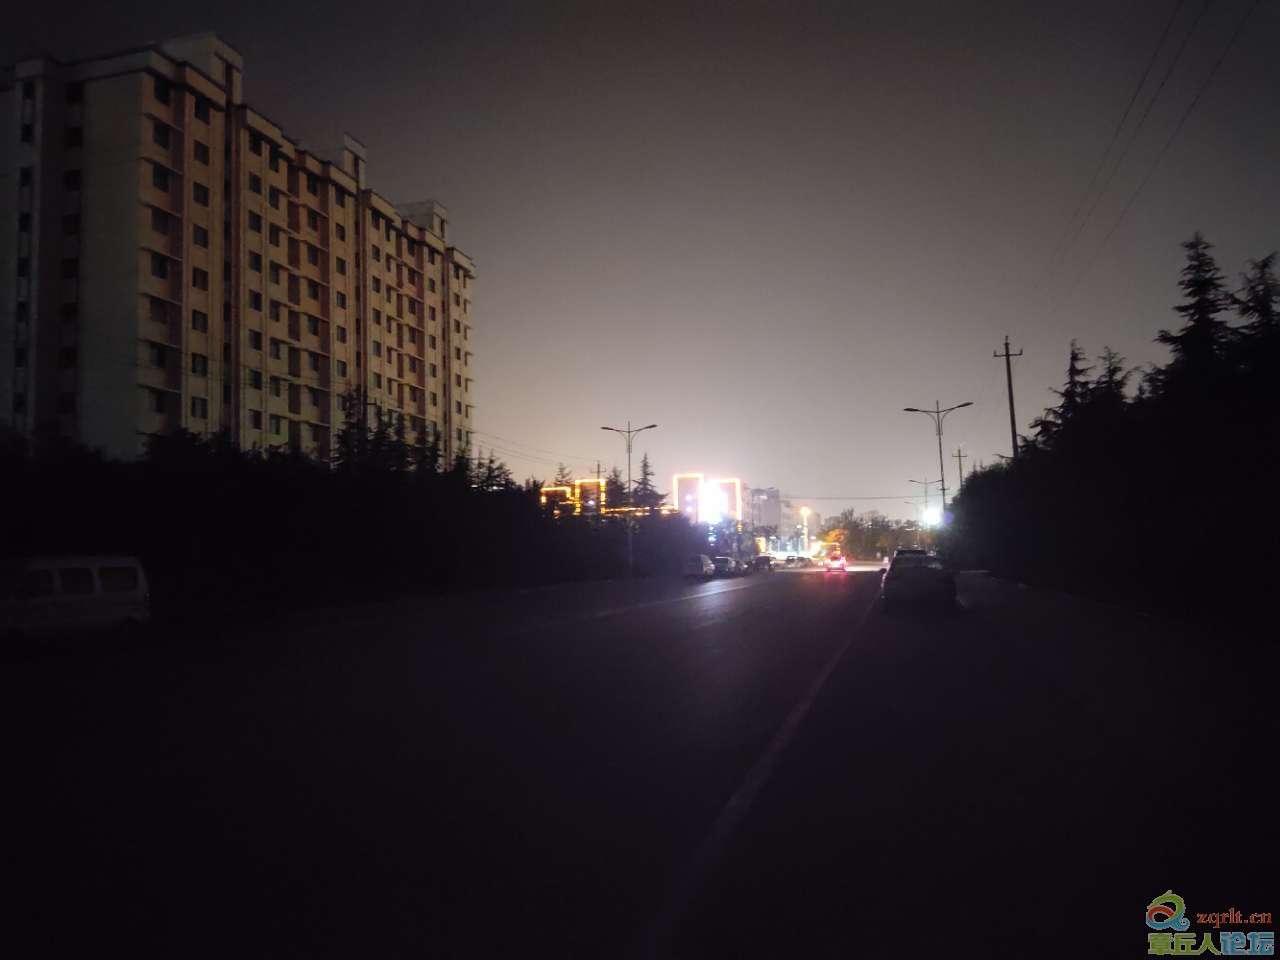 城东工业园东昌大道晚上漆黑一片,路灯成了摆设